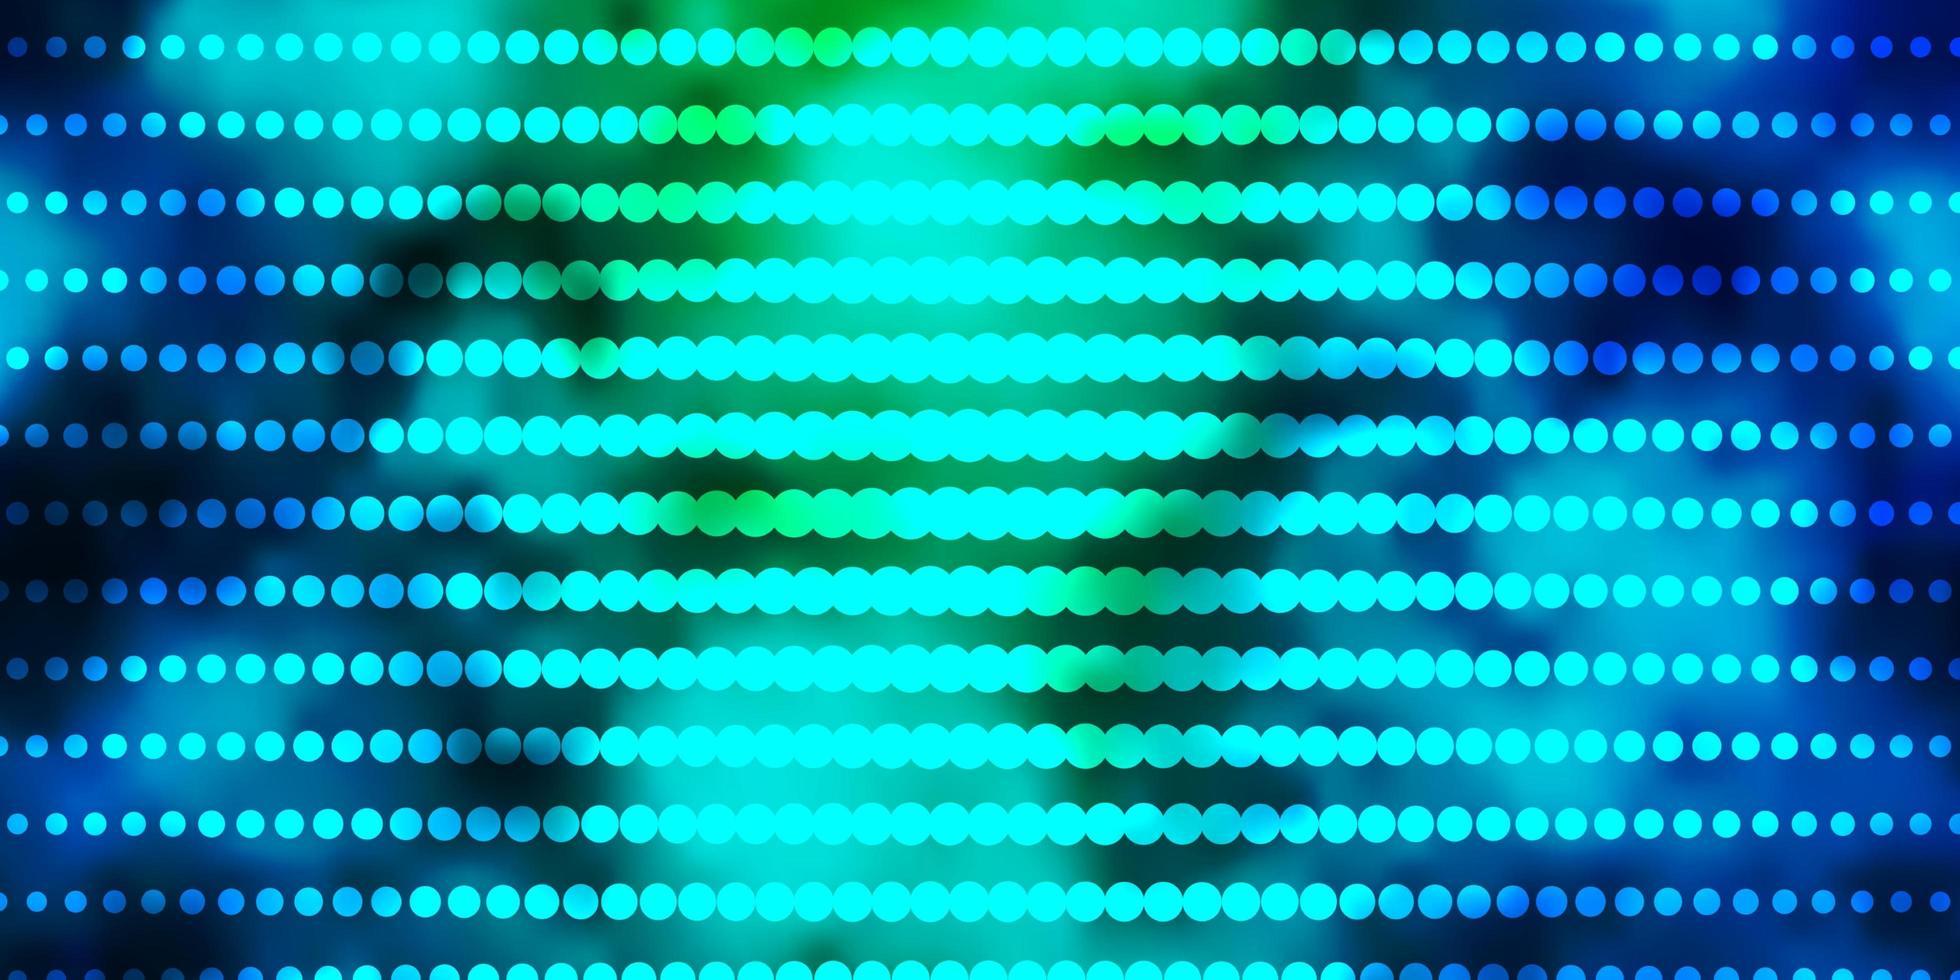 lichtblauw, groen vectorpatroon met cirkels. vector